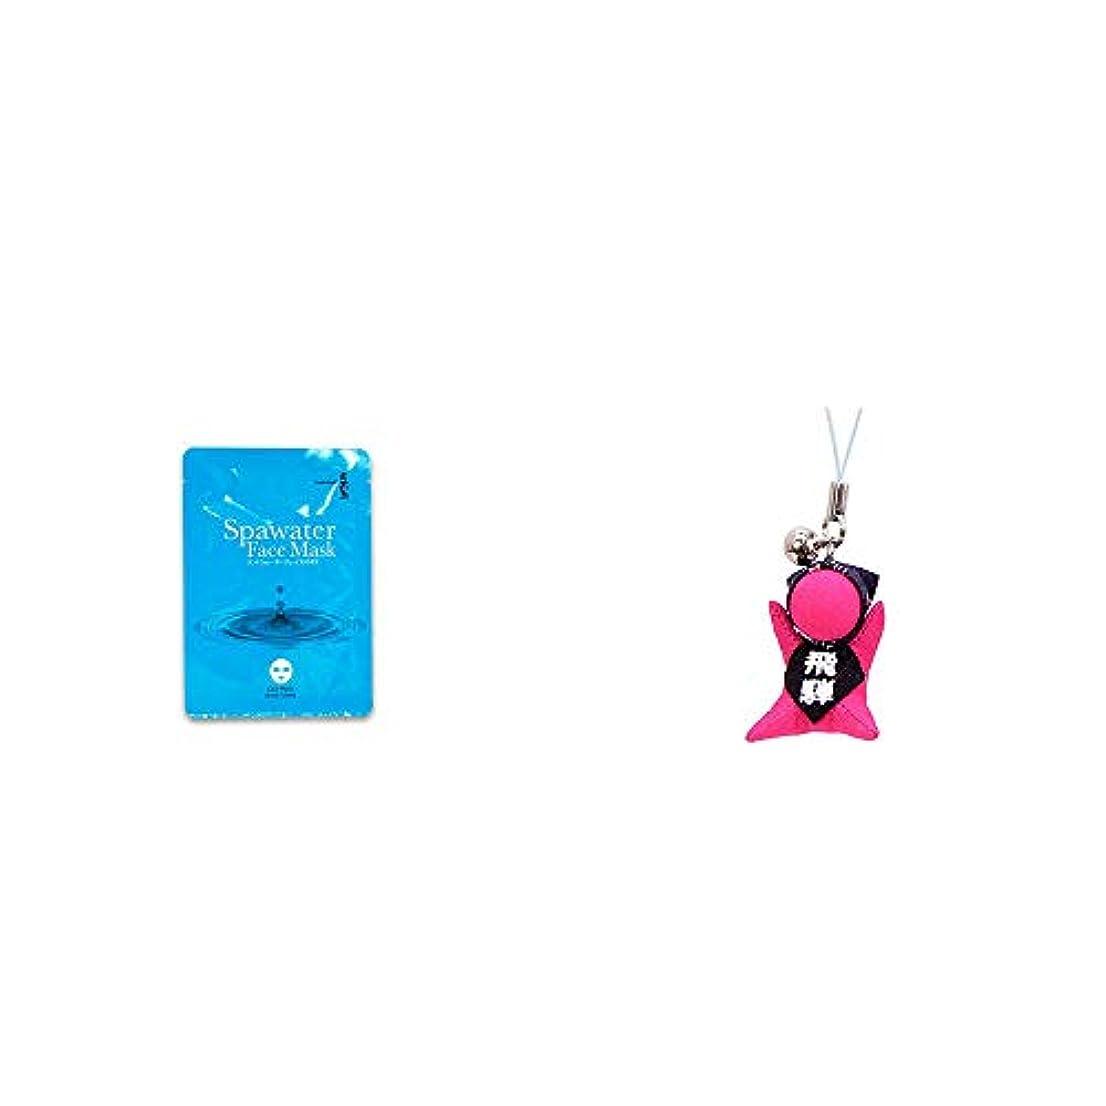 導入するライムジーンズ[2点セット] ひのき炭黒泉 スパウォーターフェイスマスク(18ml×3枚入)?さるぼぼ幸福ストラップ 【ピンク】 / 風水カラー全9種類 縁結び?恋愛(出会い) お守り//